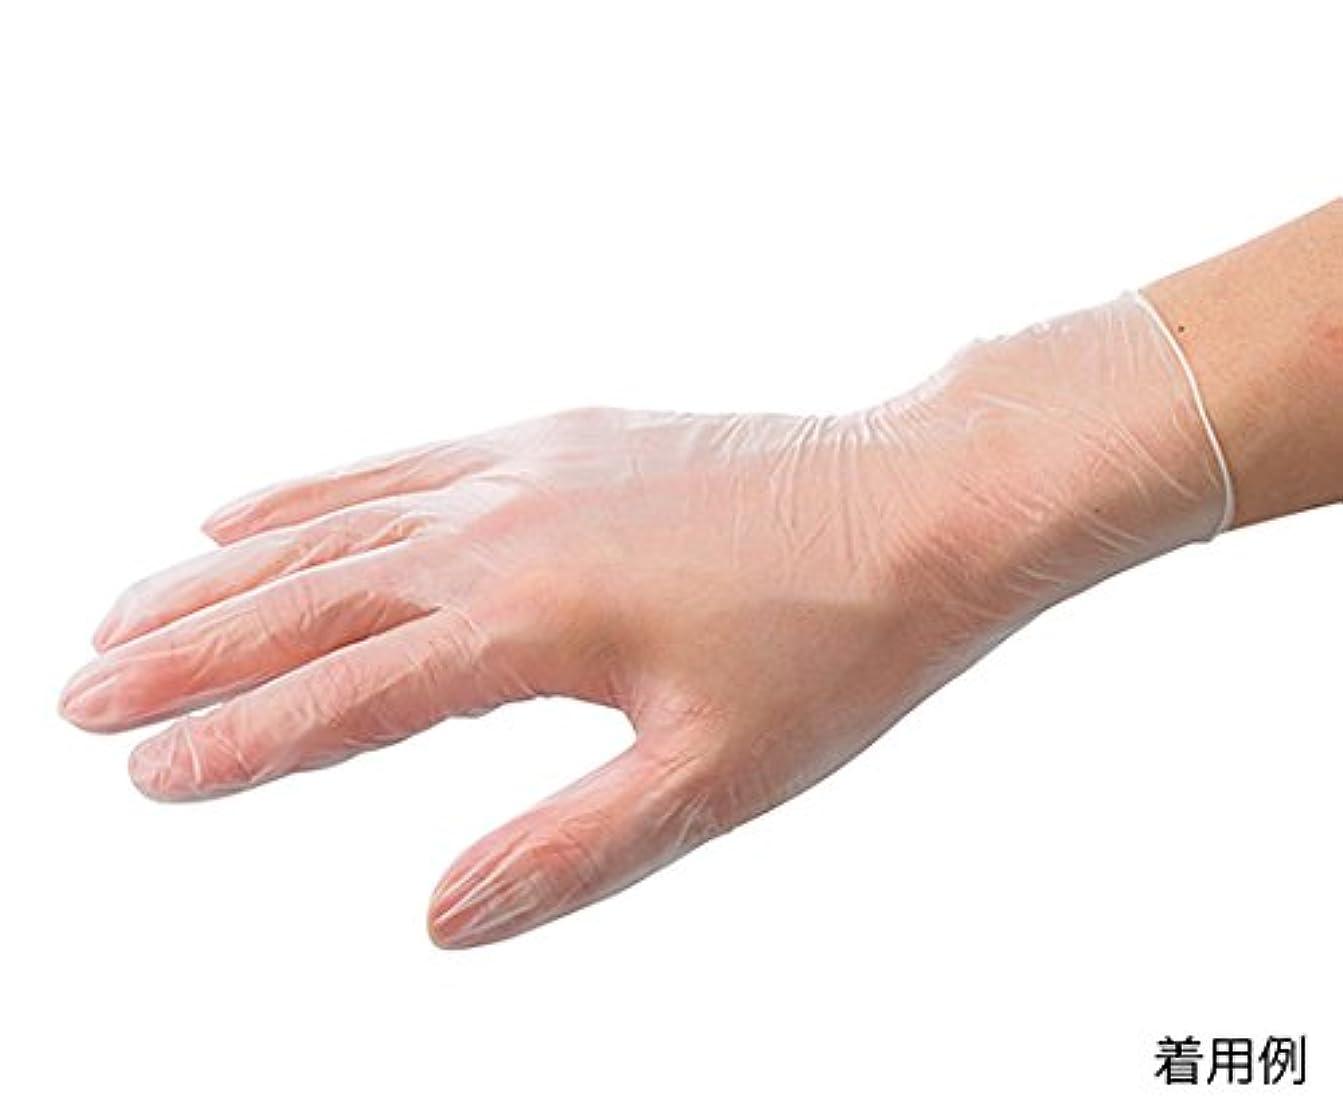 責揺れるバンARメディコム?インク?アジアリミテッド7-3727-02バイタルプラスチック手袋(パウダー付き)M150枚入